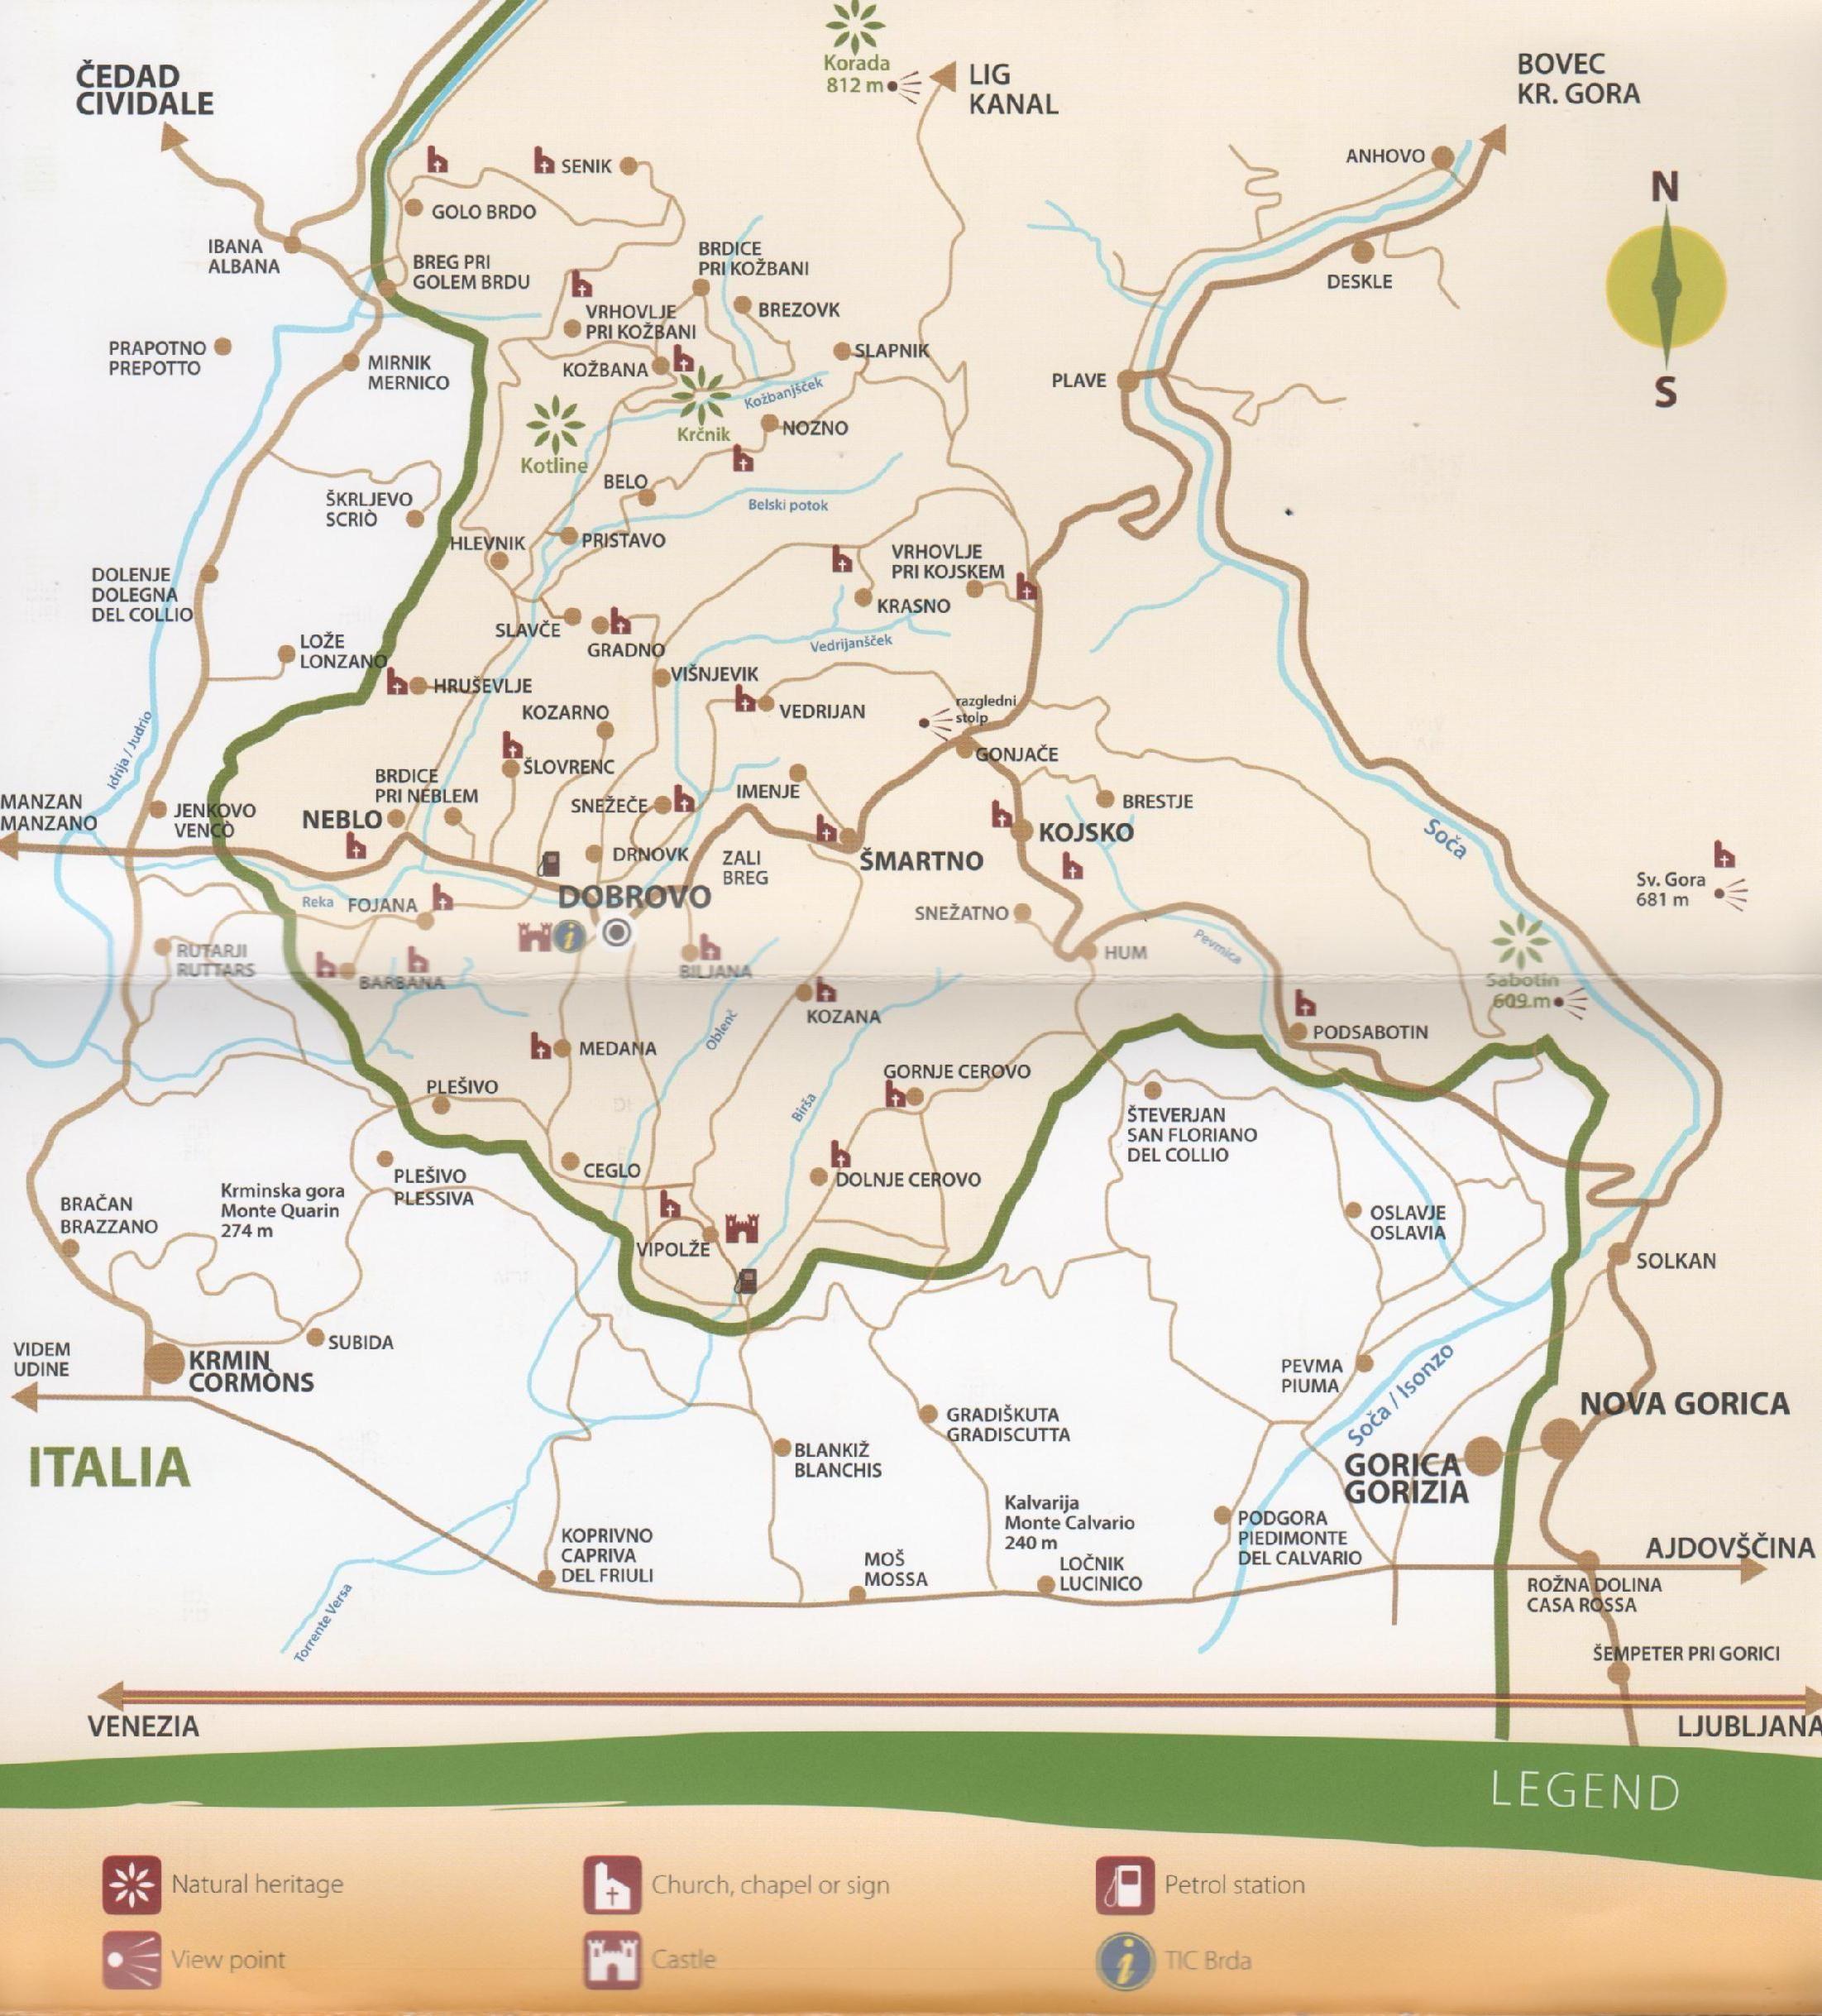 Goriska Brda Karte.Goriska Brda Slovenia Places To Visit Map Of Slovenia